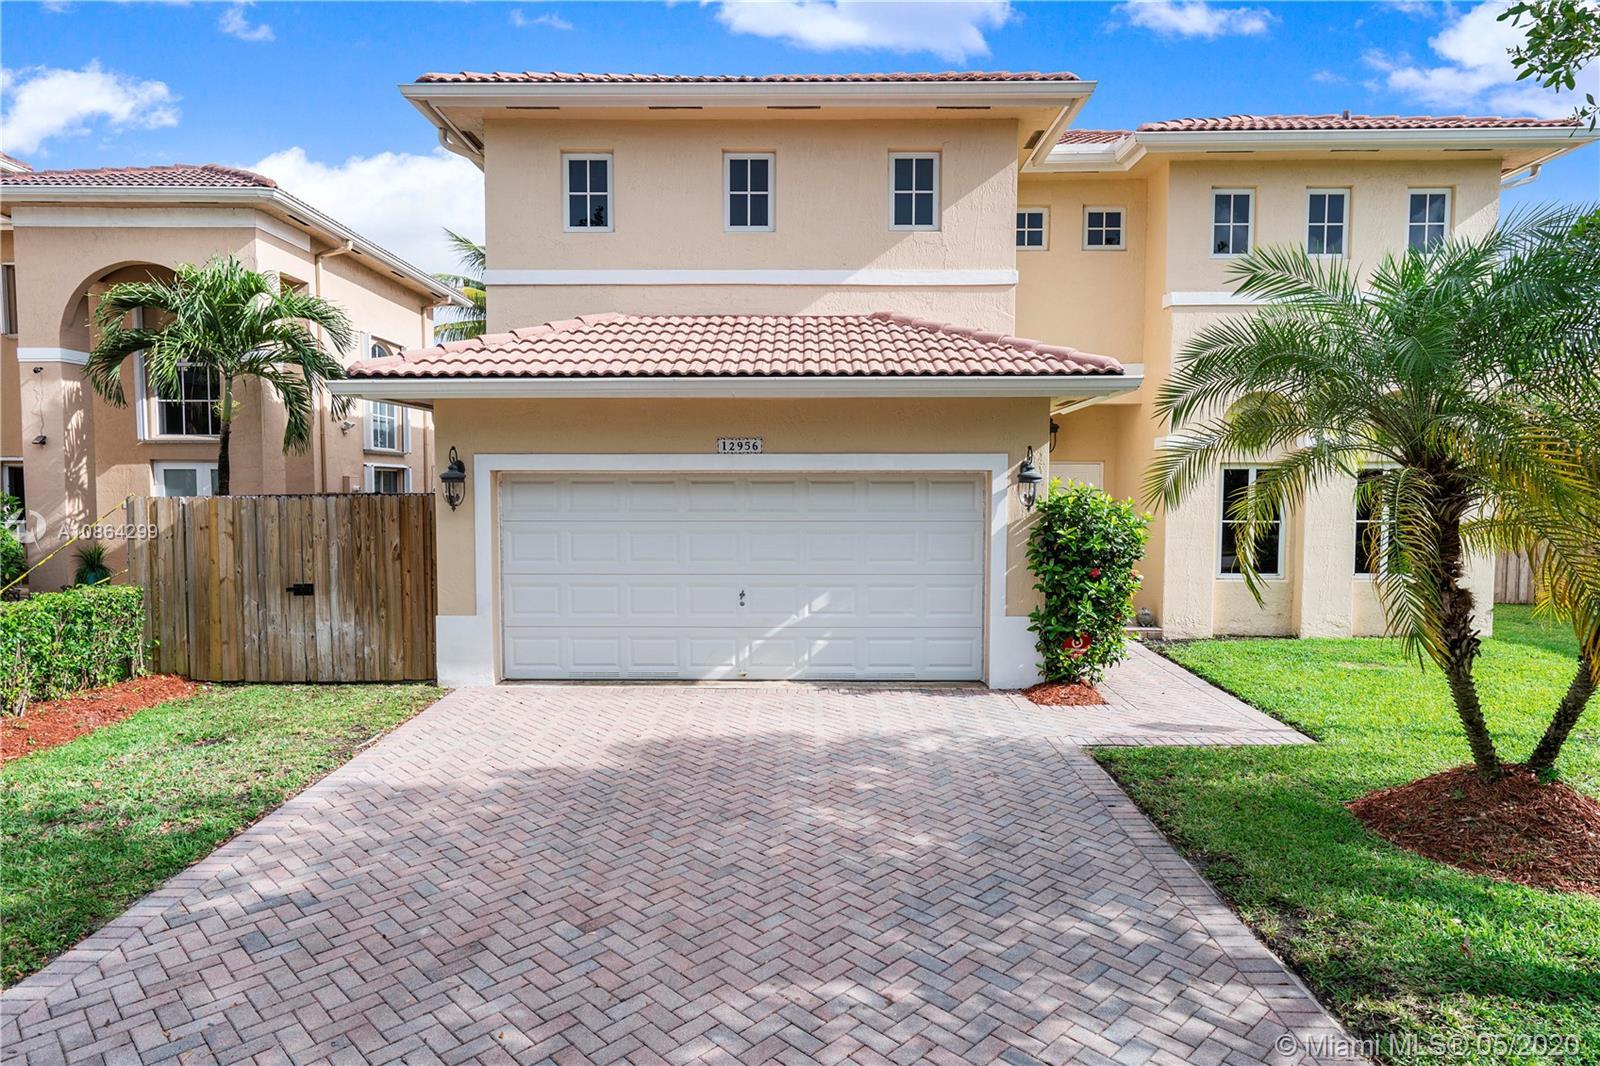 12956 SW 136th Ter, Miami, FL 33186